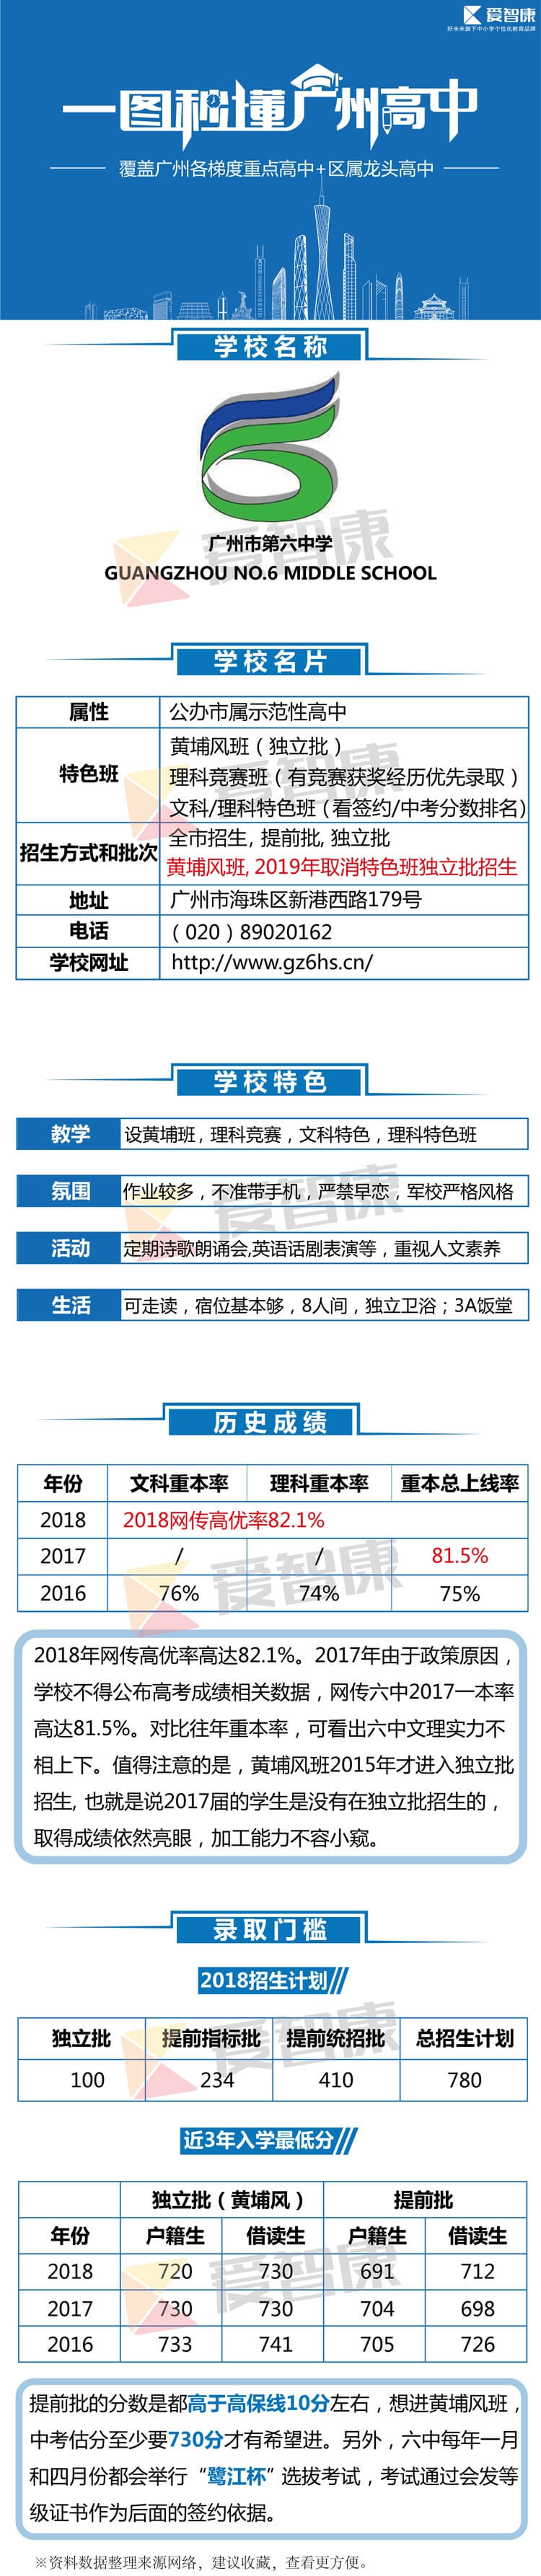 广州第6中学学习环境、历史成绩、录取分数